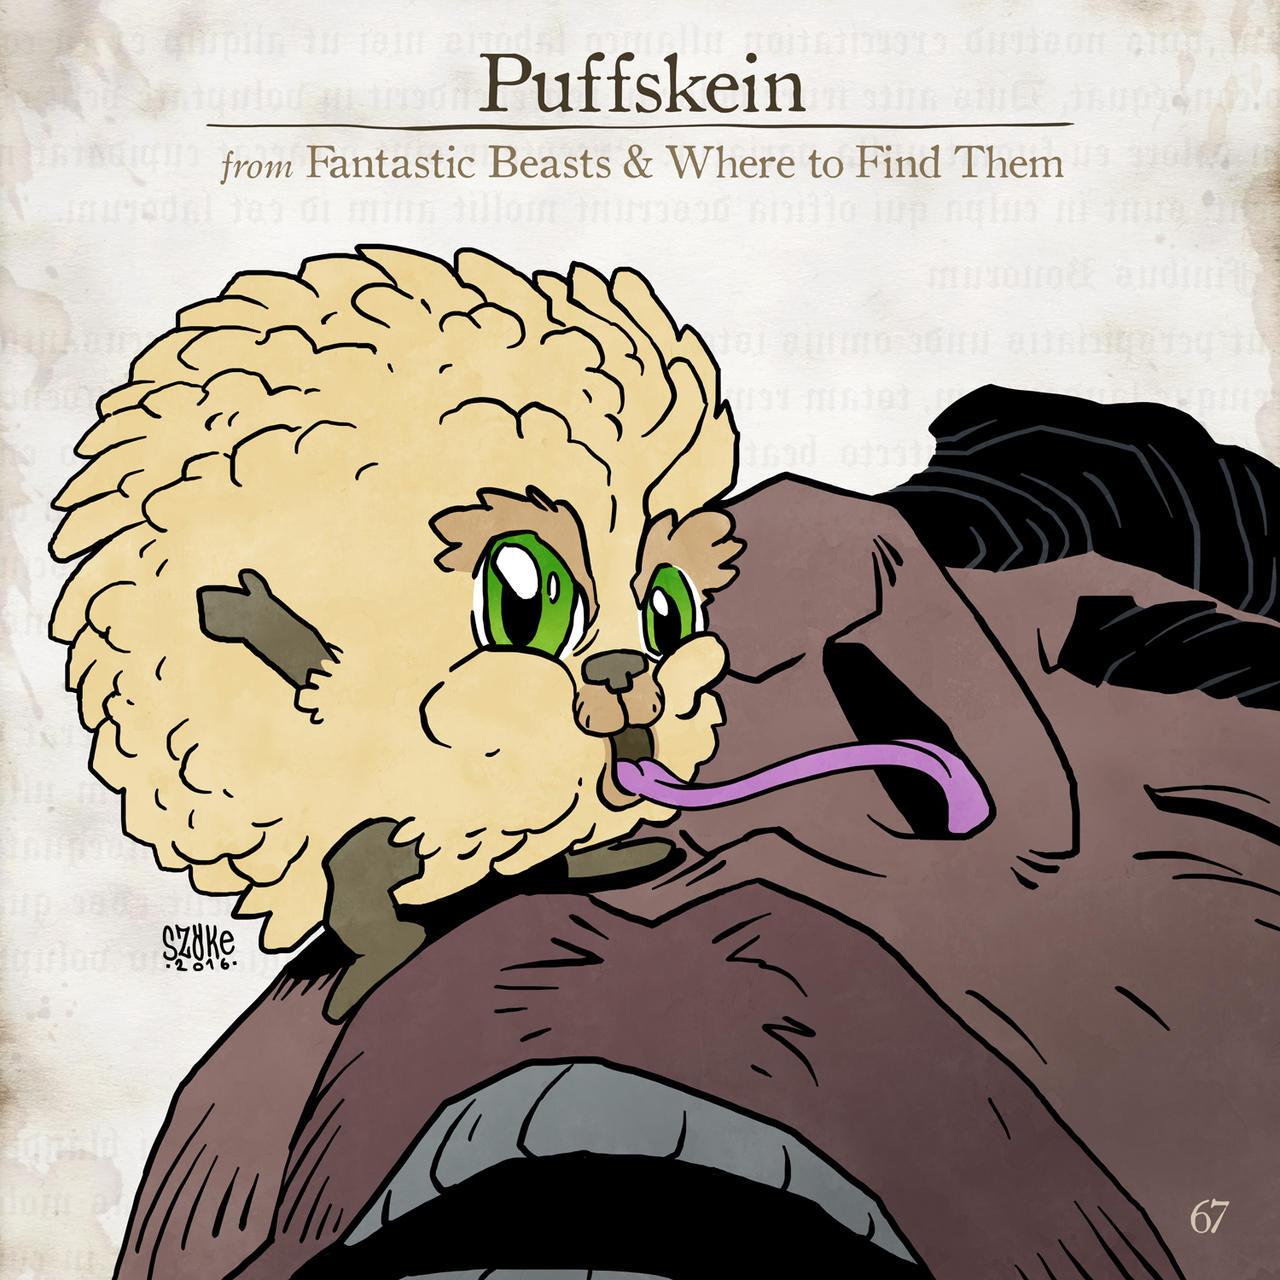 Puffskein